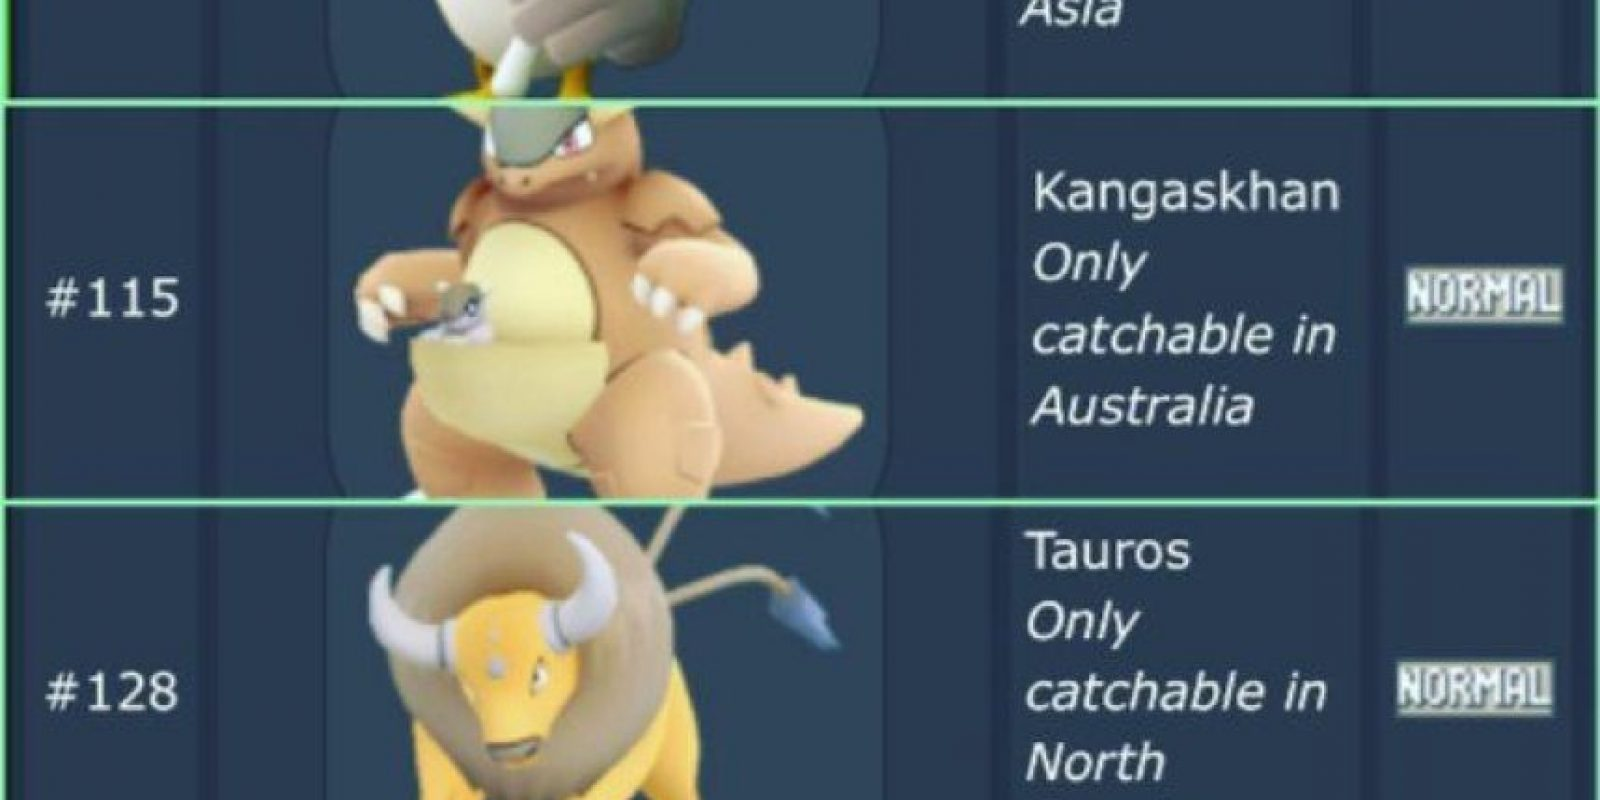 Estos son los pokémon disponibles exclusivamente en ciertas zonas geográficas. Foto:Vía twitter.com/SleepyJirachi